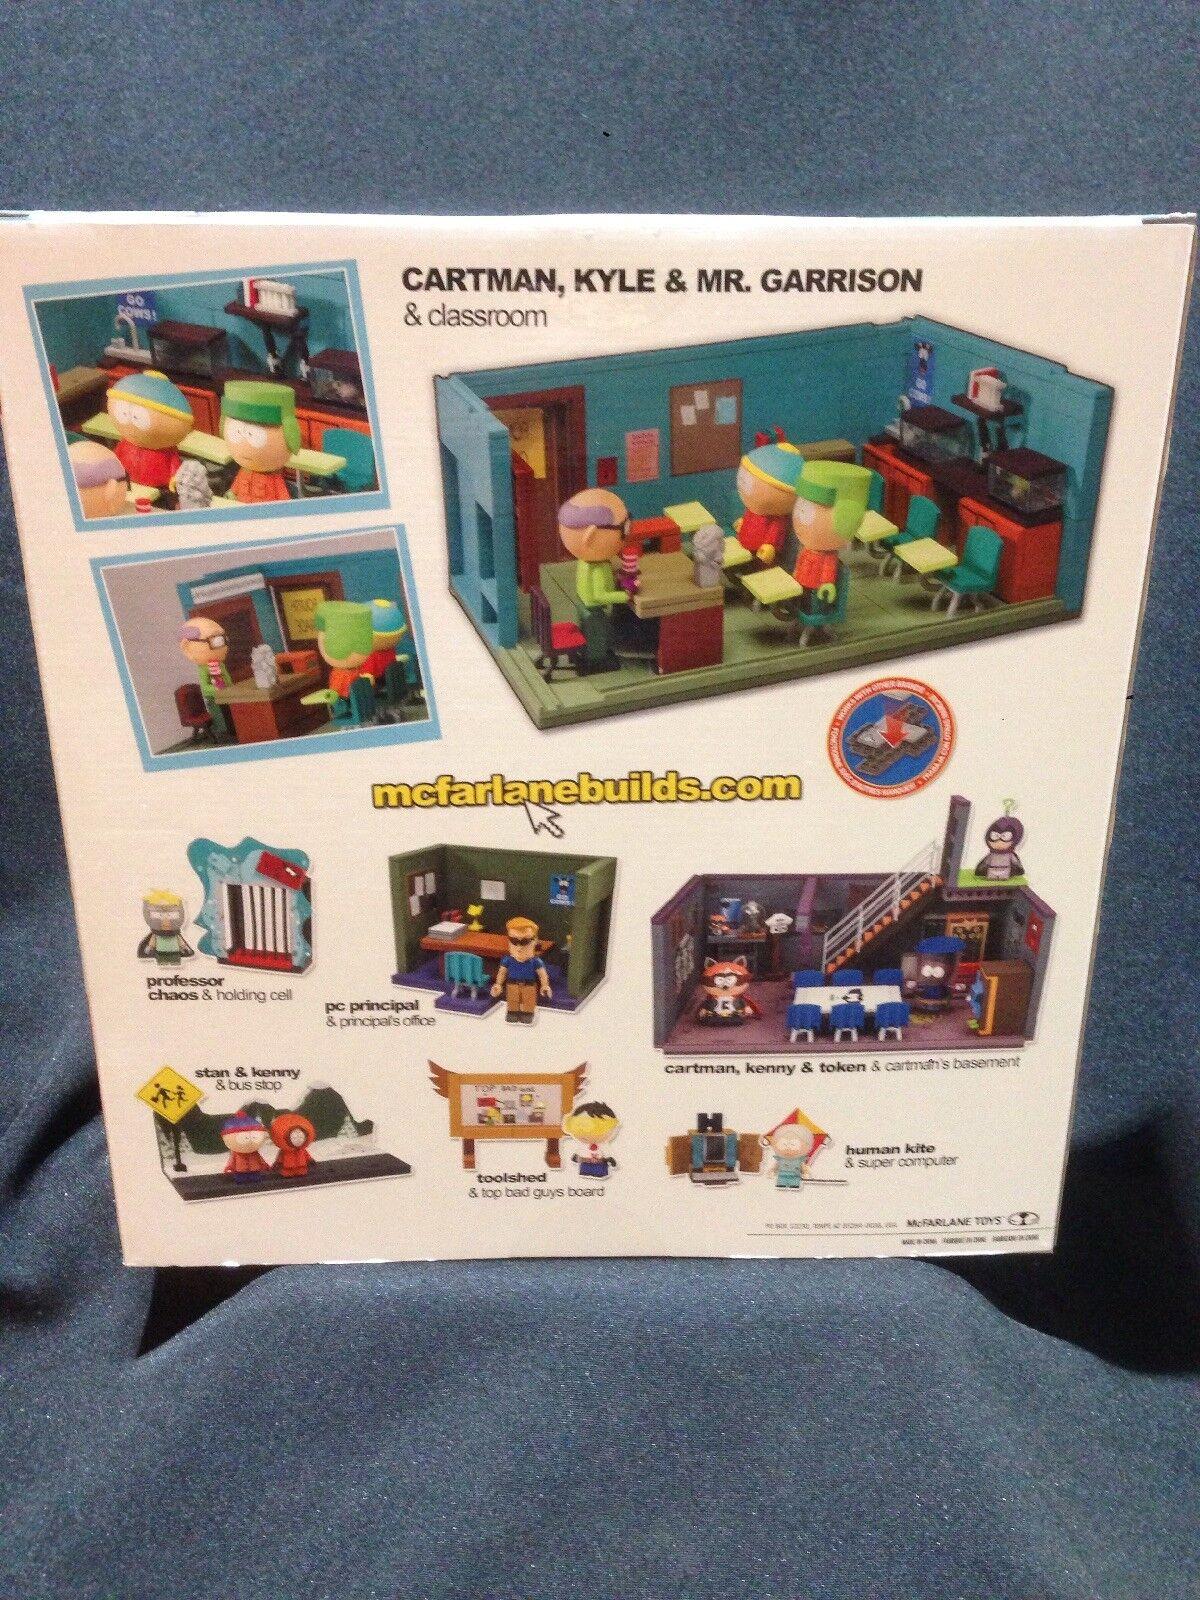 NIB McFarlane Toys South Park Classroom Large Construction Set CARTMAN CARTMAN CARTMAN KYLE 259p 9d7efb